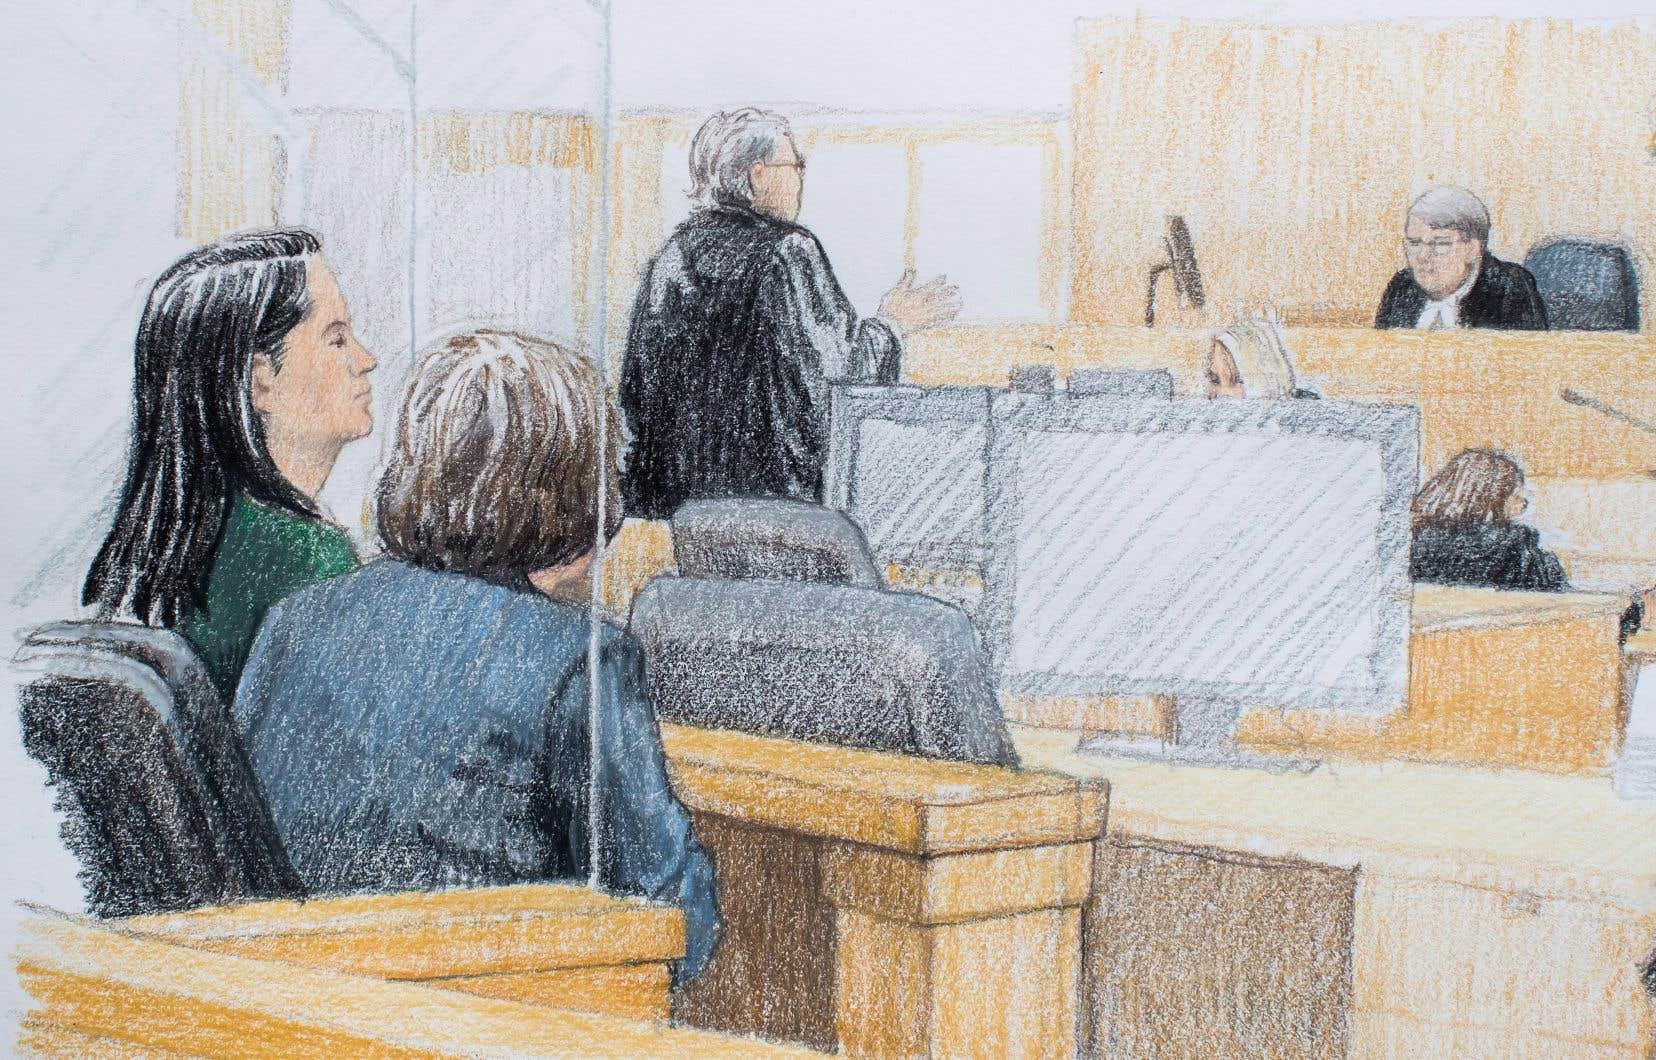 La directrice financière de l'entreprise chinoise Huawei, Meng Wanzhou, dessinée avec ses avocats lors d'une audience devant les tribunaux de la Colombie-Britannique